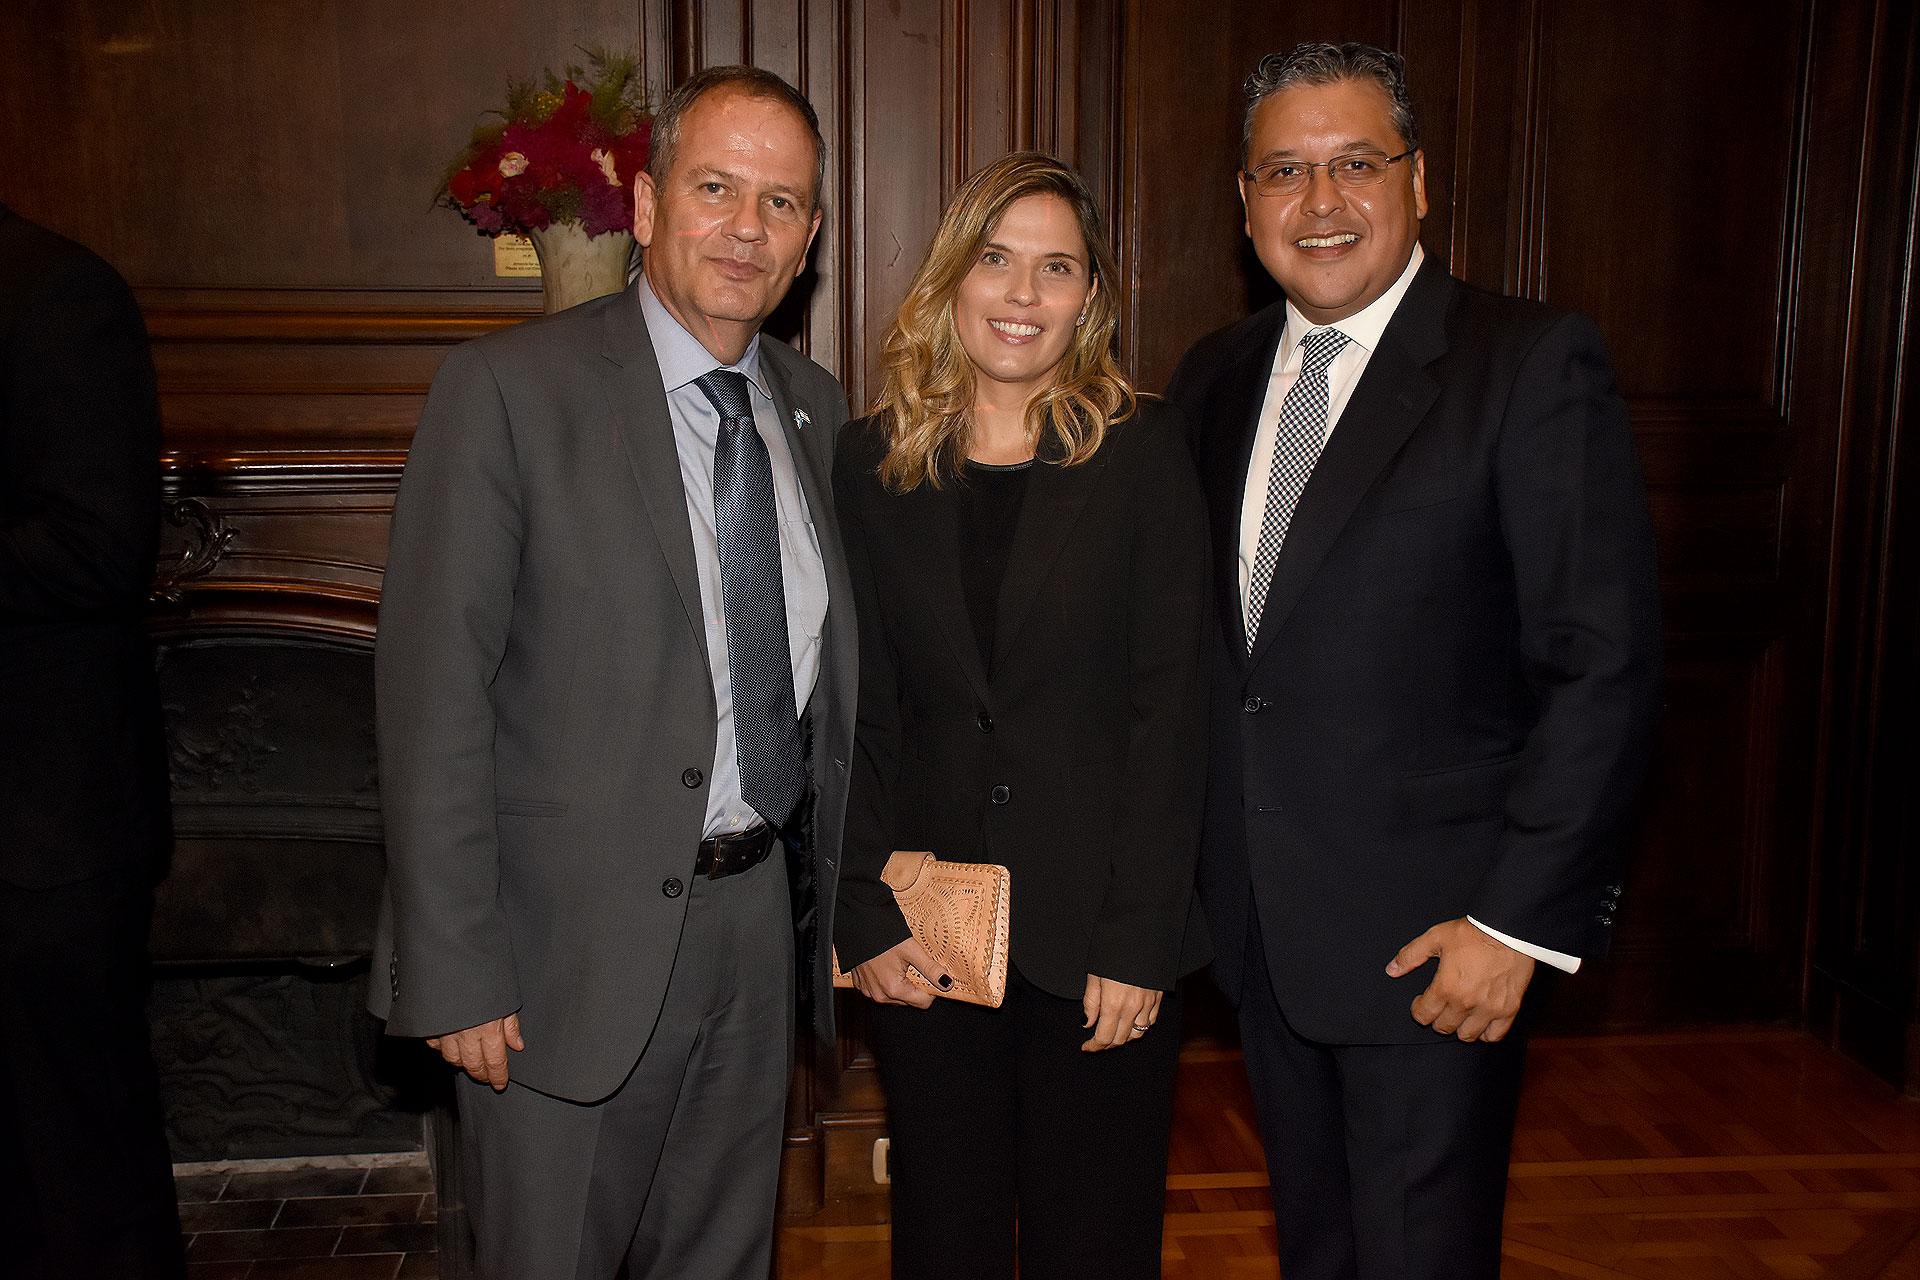 Ilan Stzulman, embajador de Israel en Argentina junto a su mujer y Ariel Blufstein, anfitrión del evento